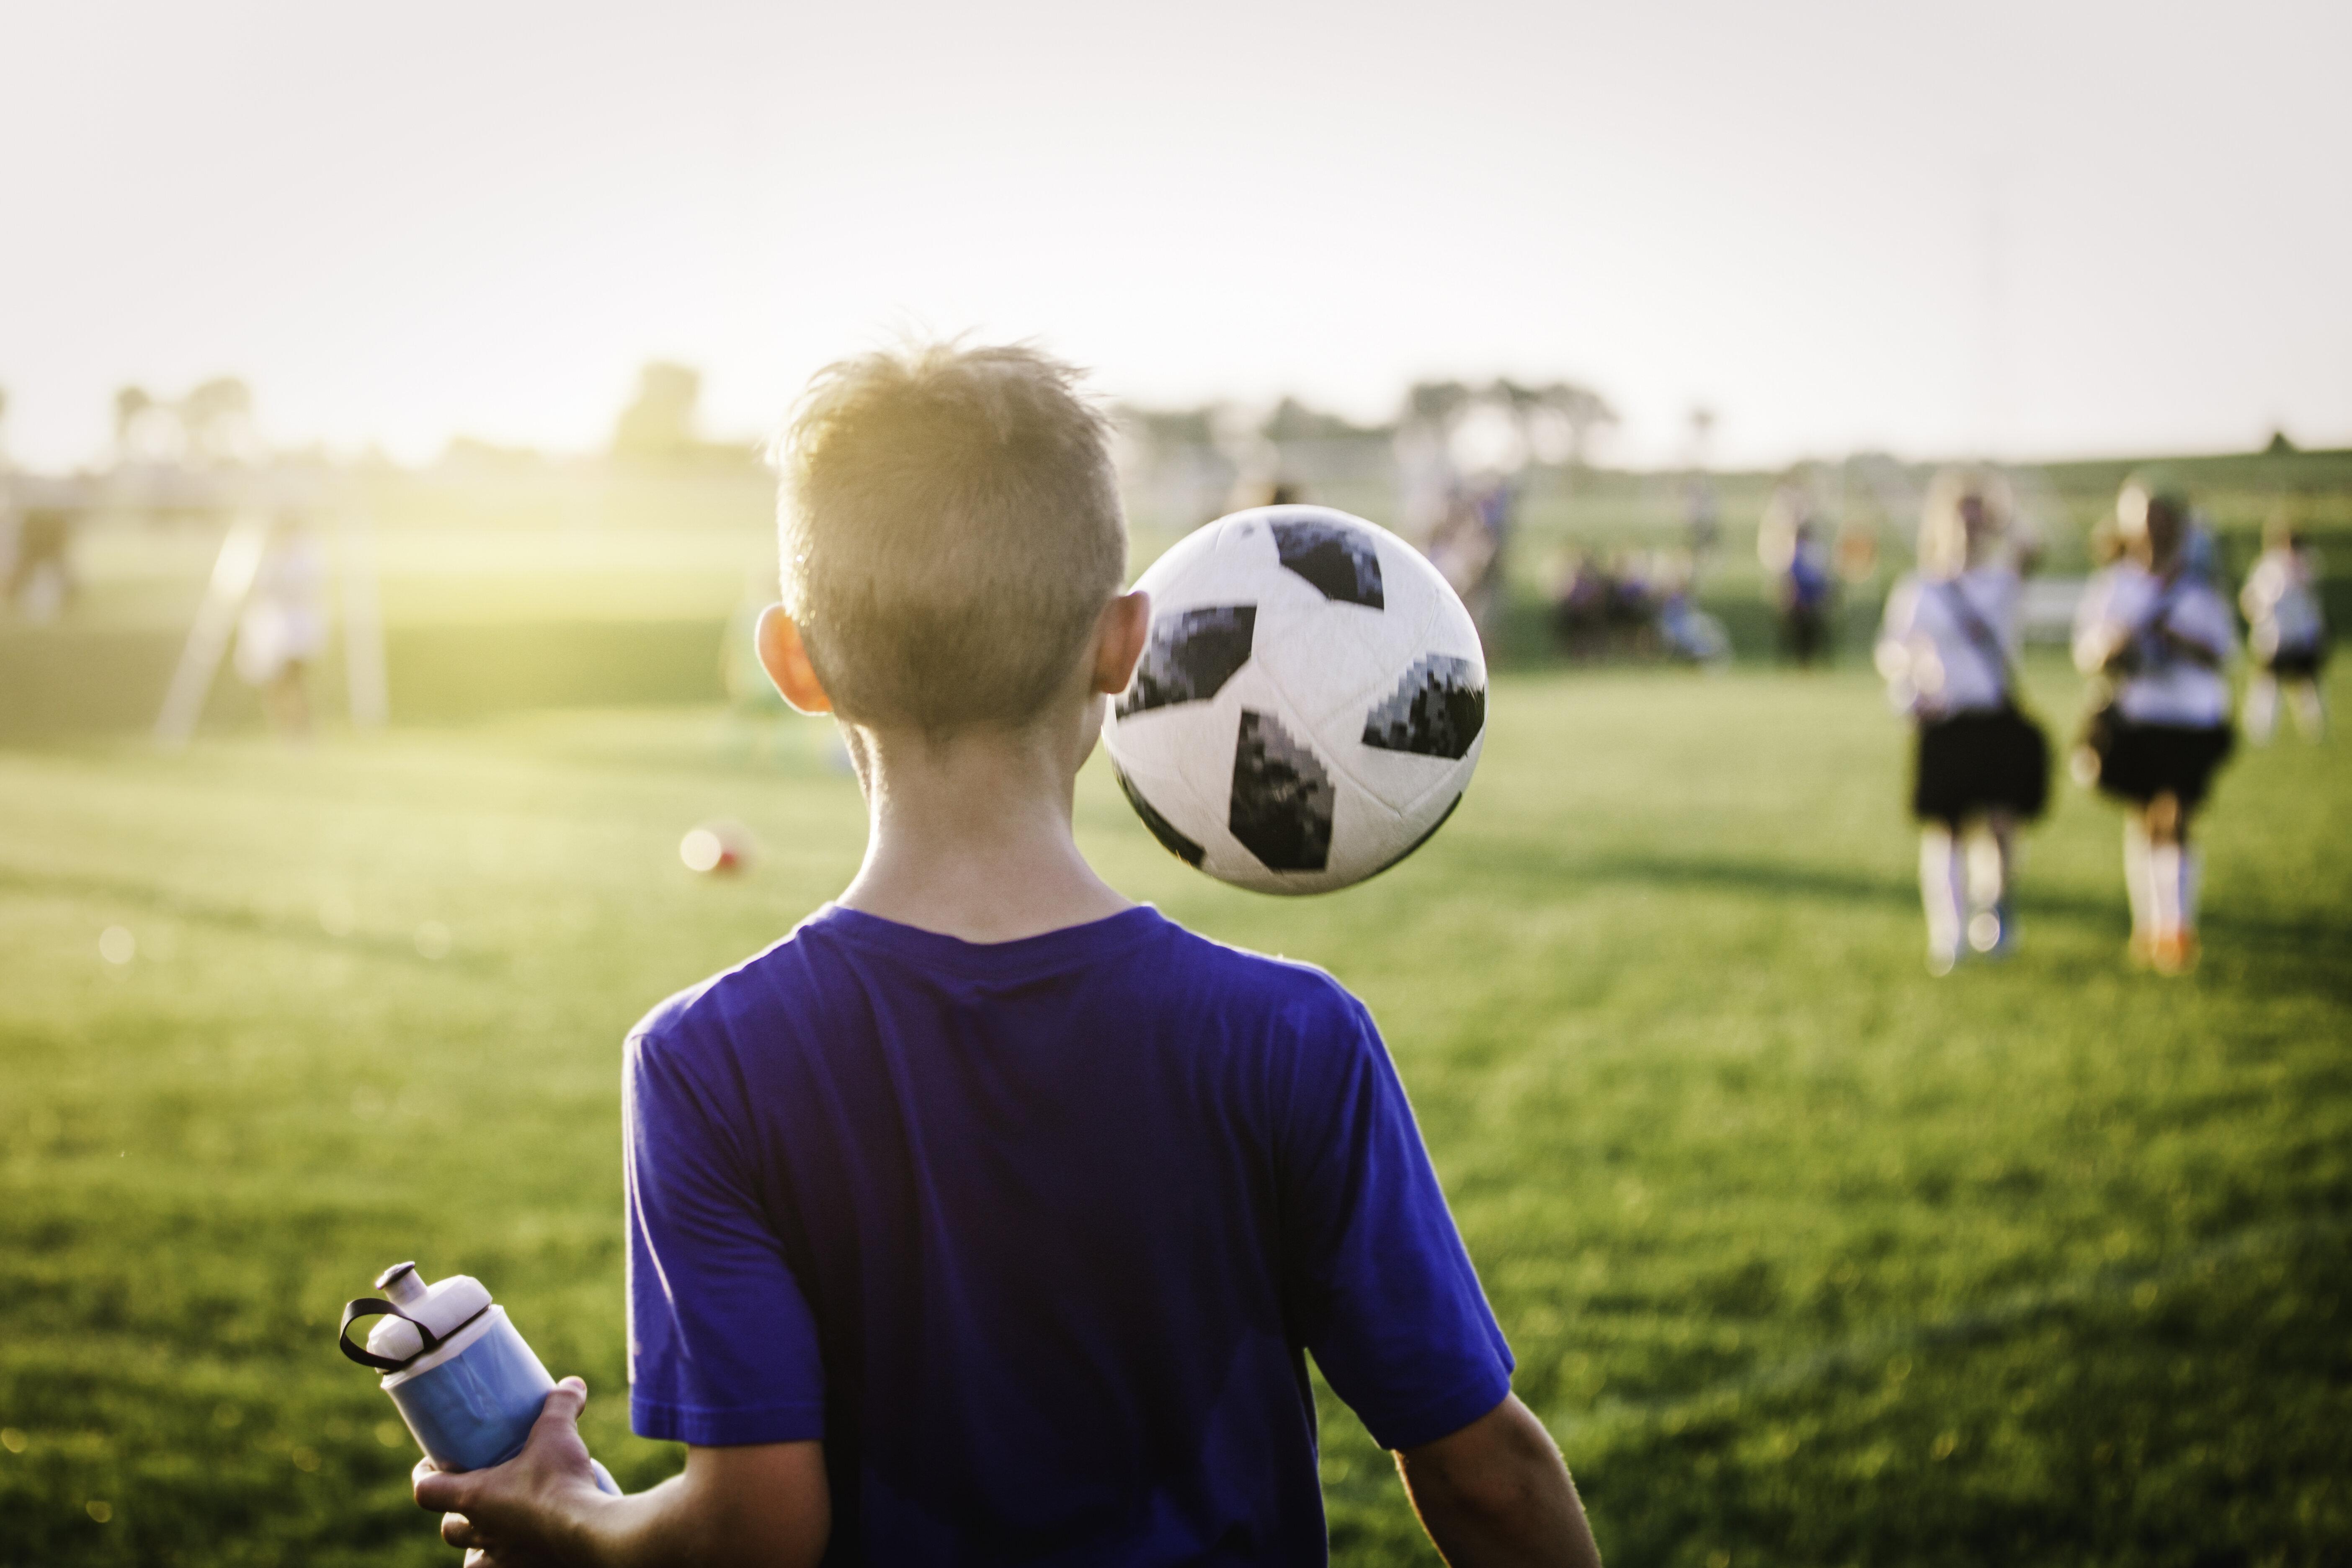 東京都少年サッカー、夏の公式戦禁止 異例の熱中症対策